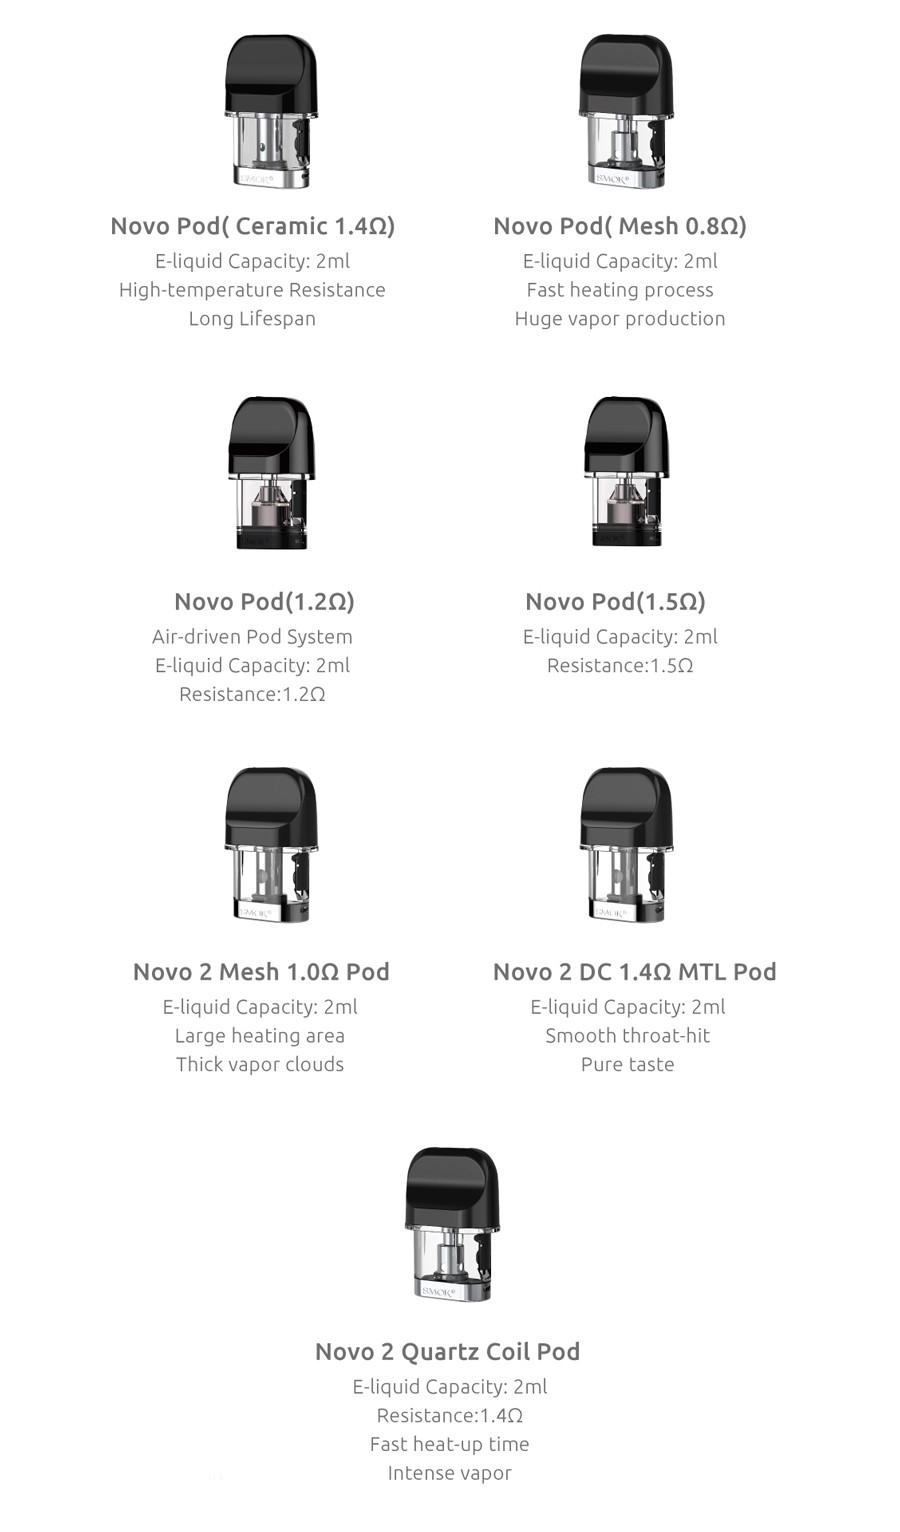 The Novo 2 utilises the original Novo pods as well as newly designed Novo 2 pods.